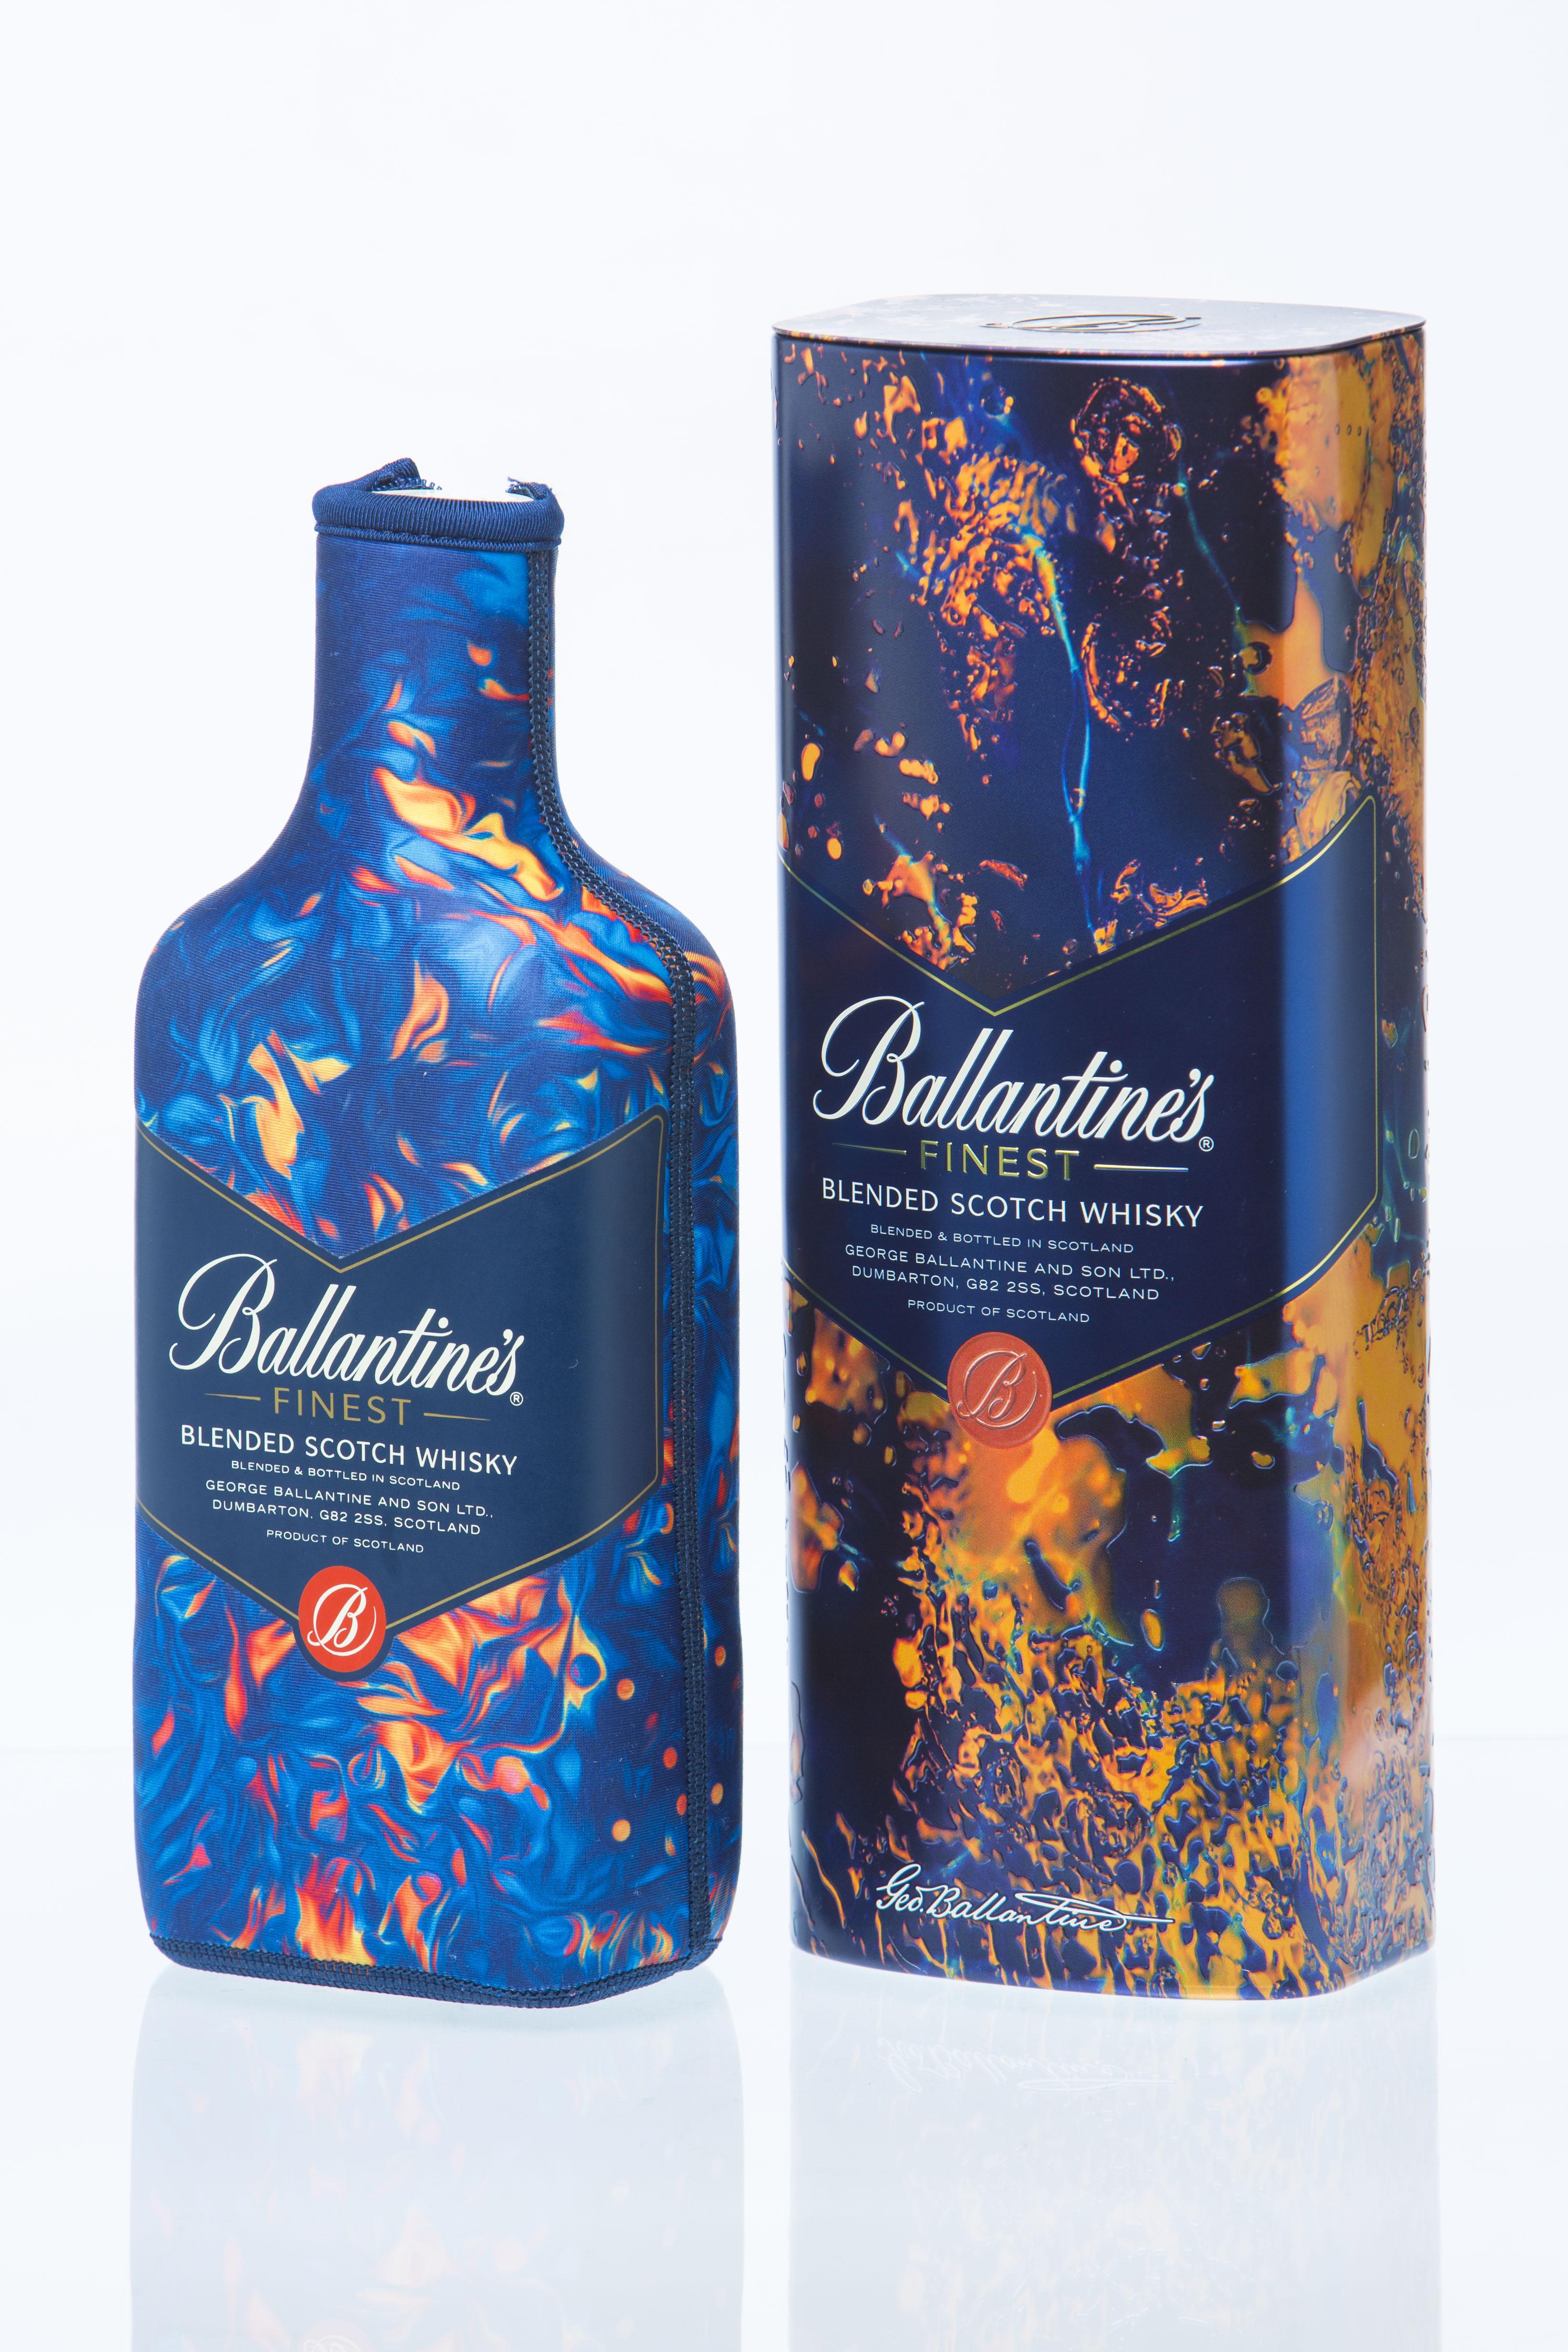 El artista Leif Podhajsky colabora con Ballantine's para la edición especial de esta temporada